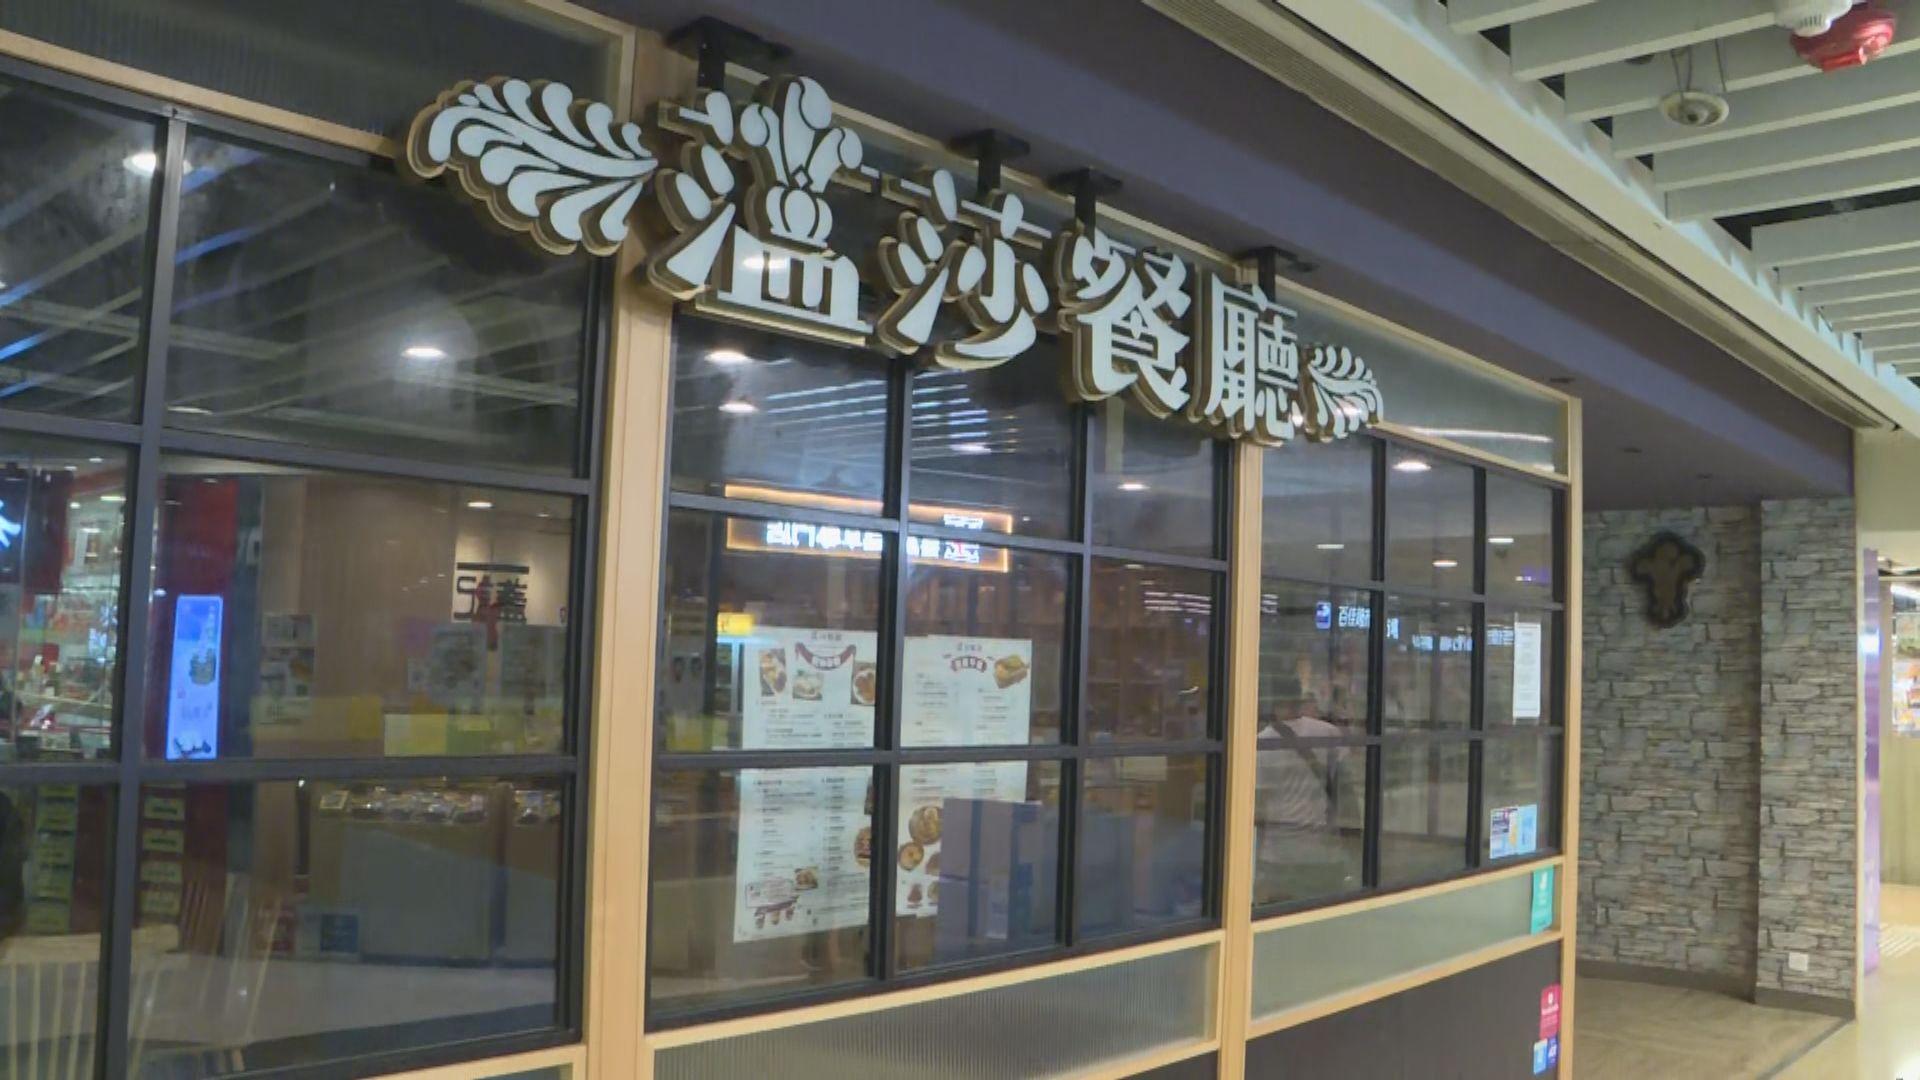 慈雲山中心翠河及薀莎餐廳再增多宗新個案